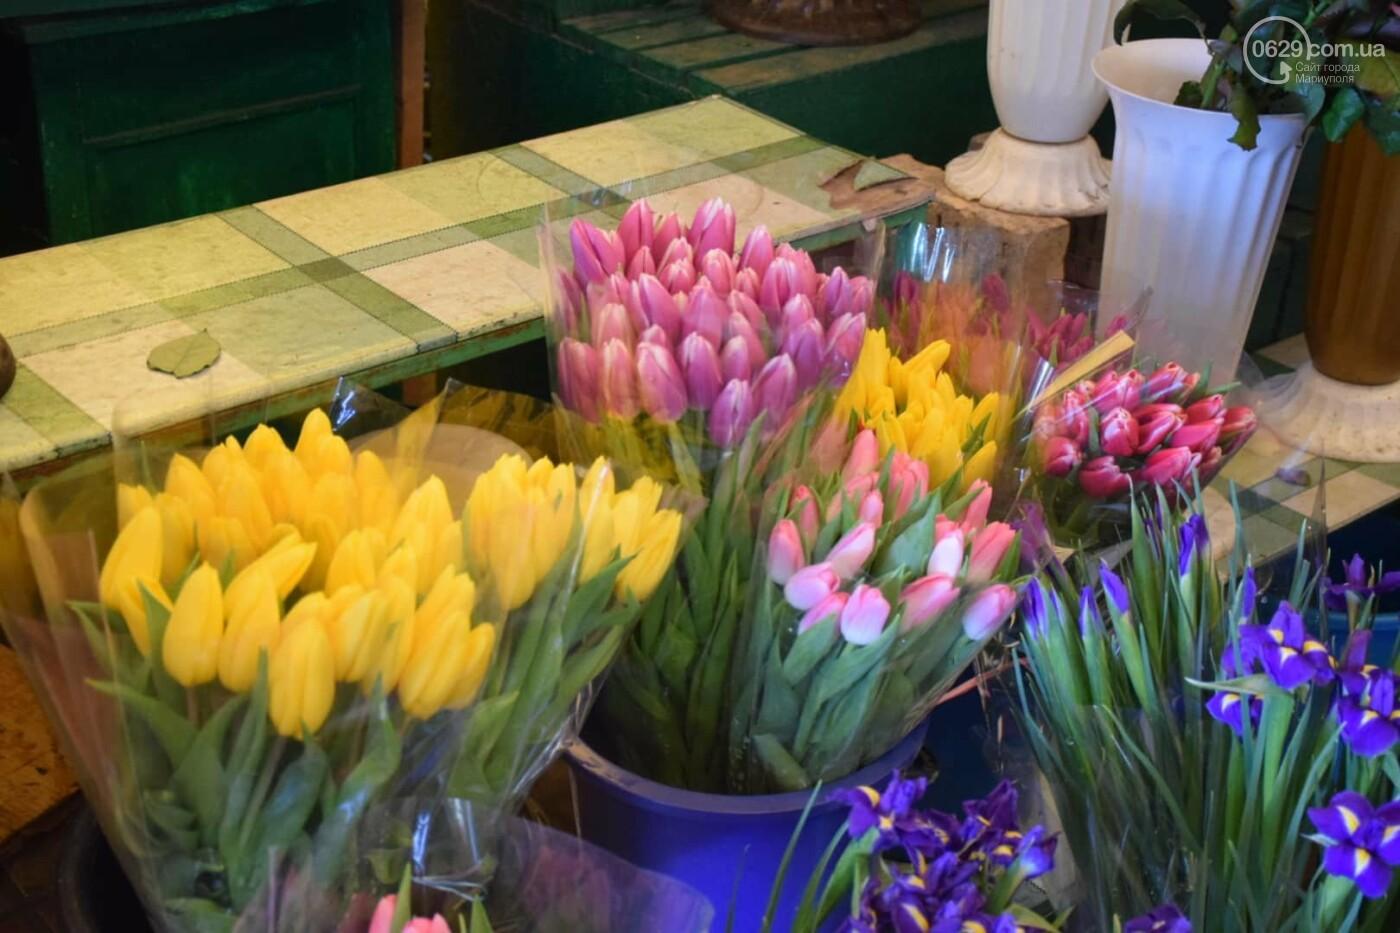 День Святого Валентина в Мариуполе: цветы, шары и мужчины-романтики, - ФОТОРЕПОРТАЖ, фото-11